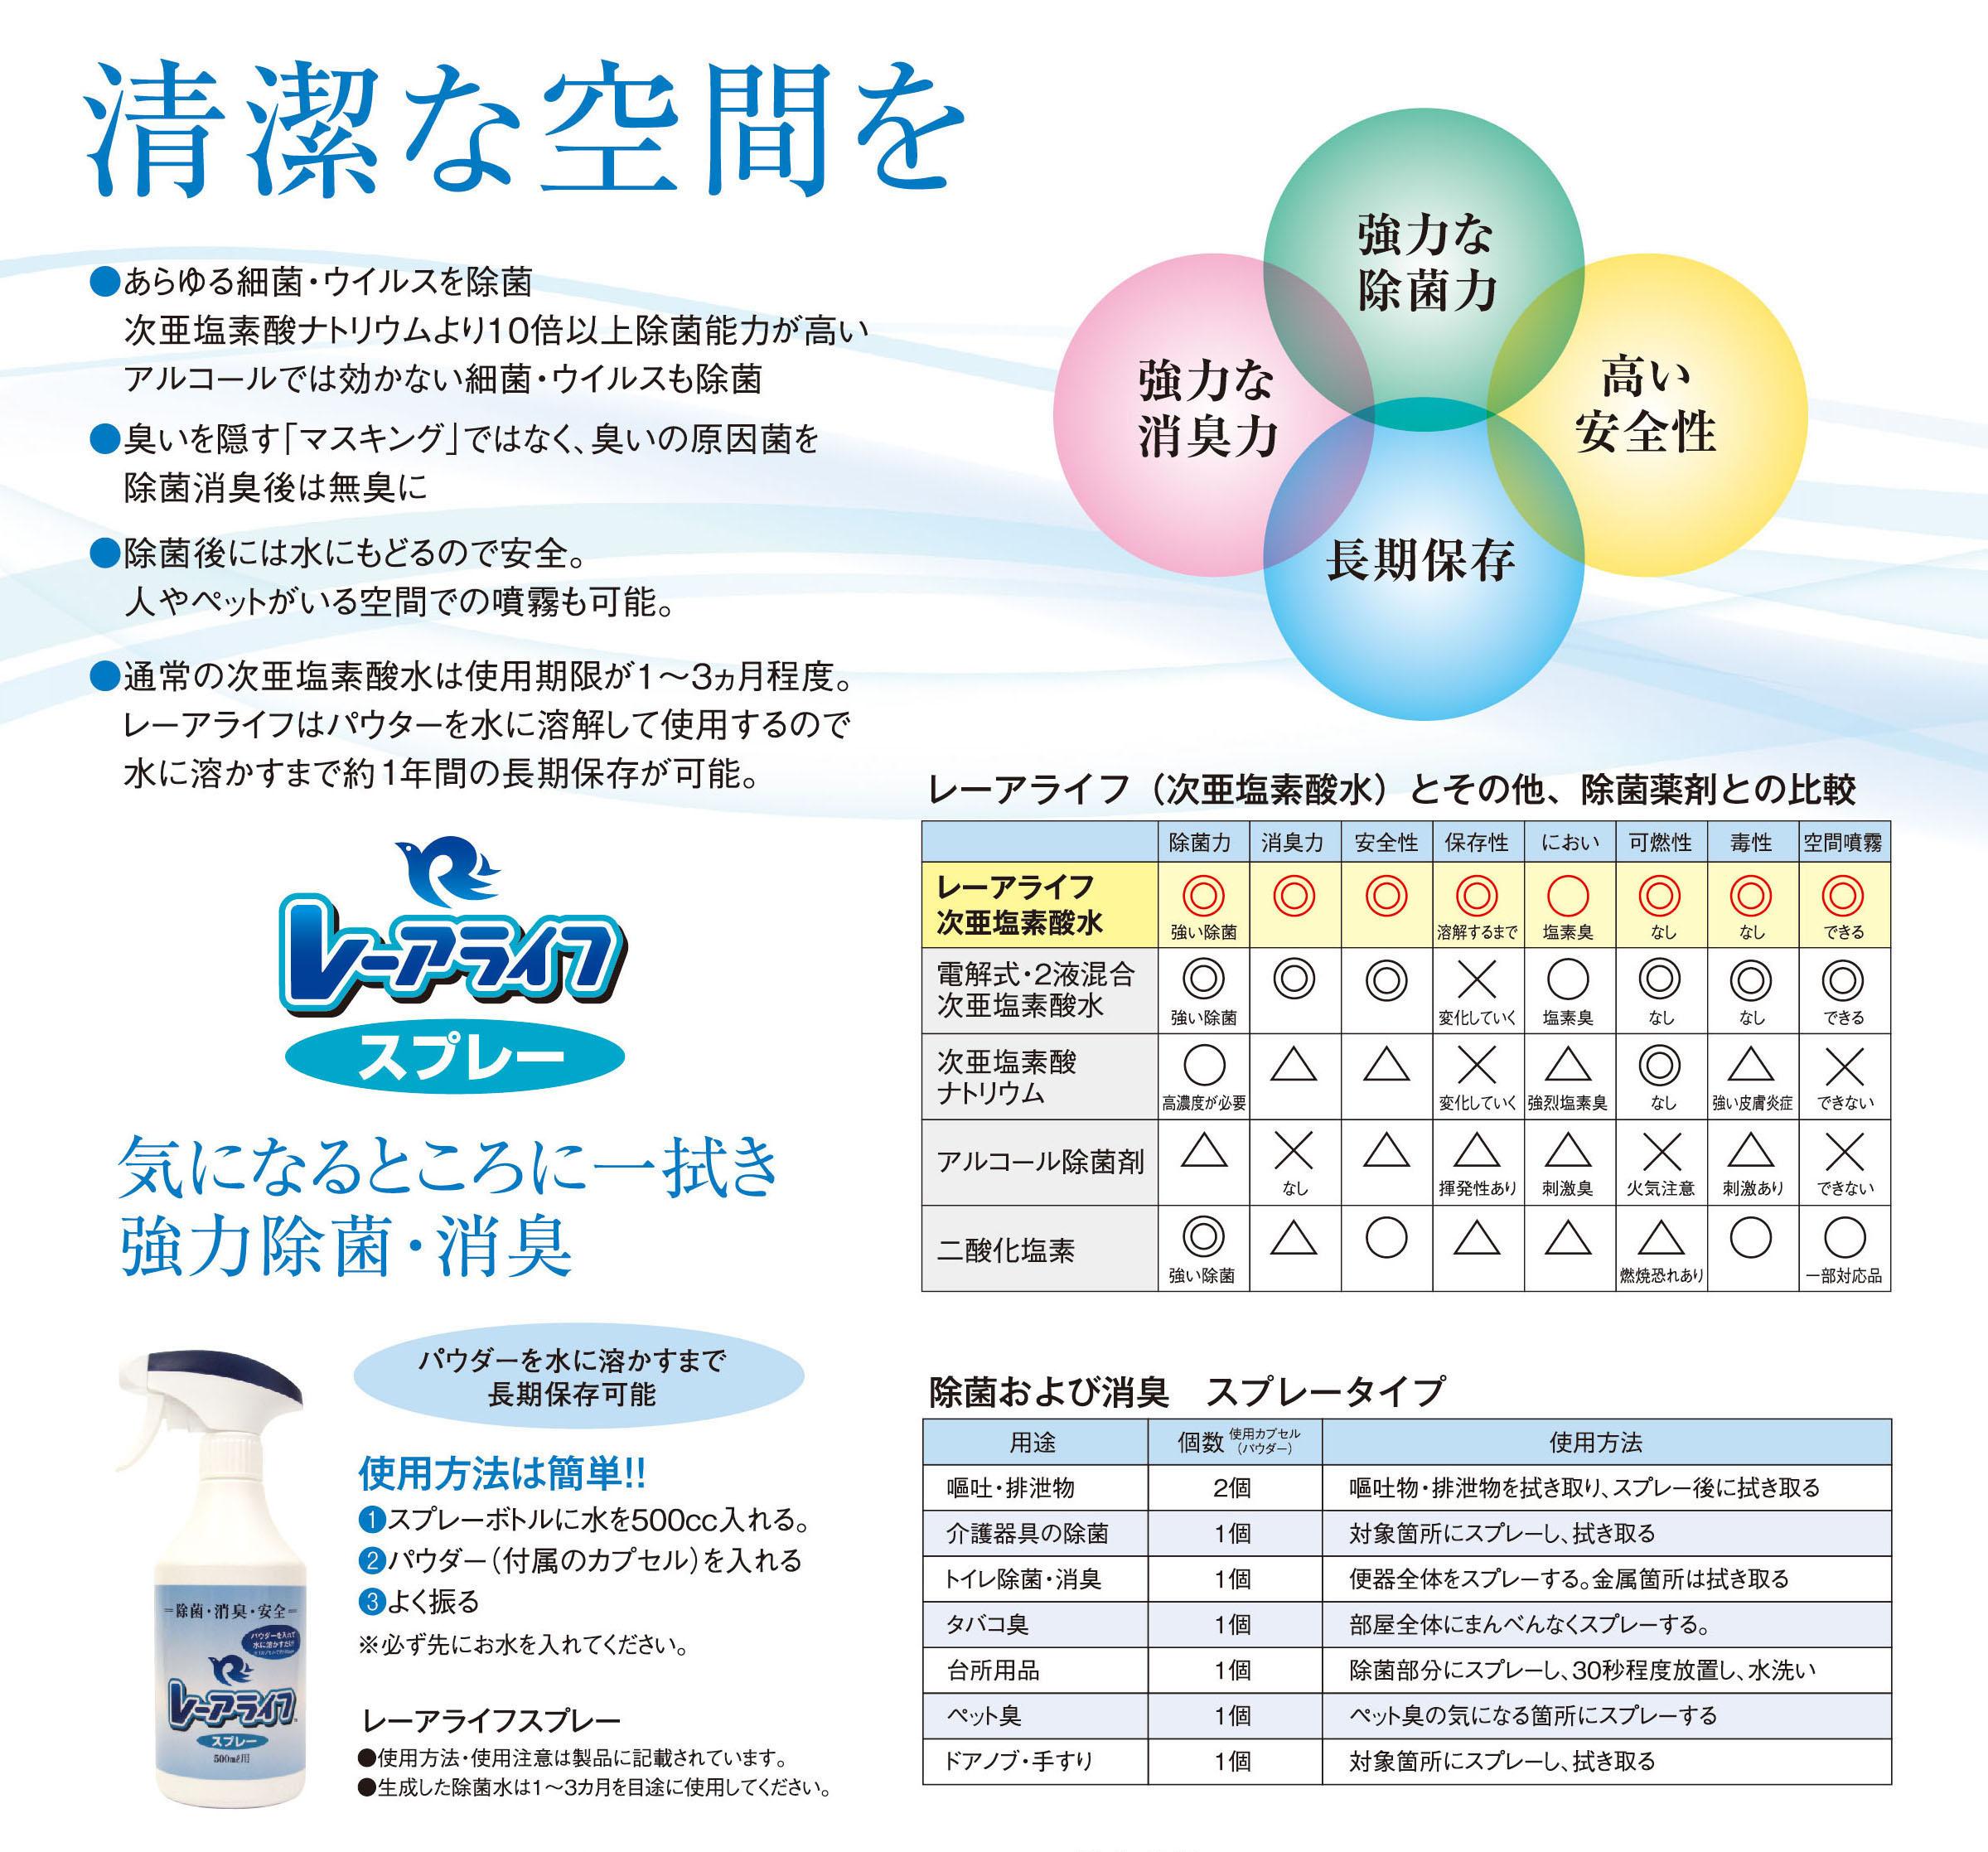 レーアライフ商品説明02